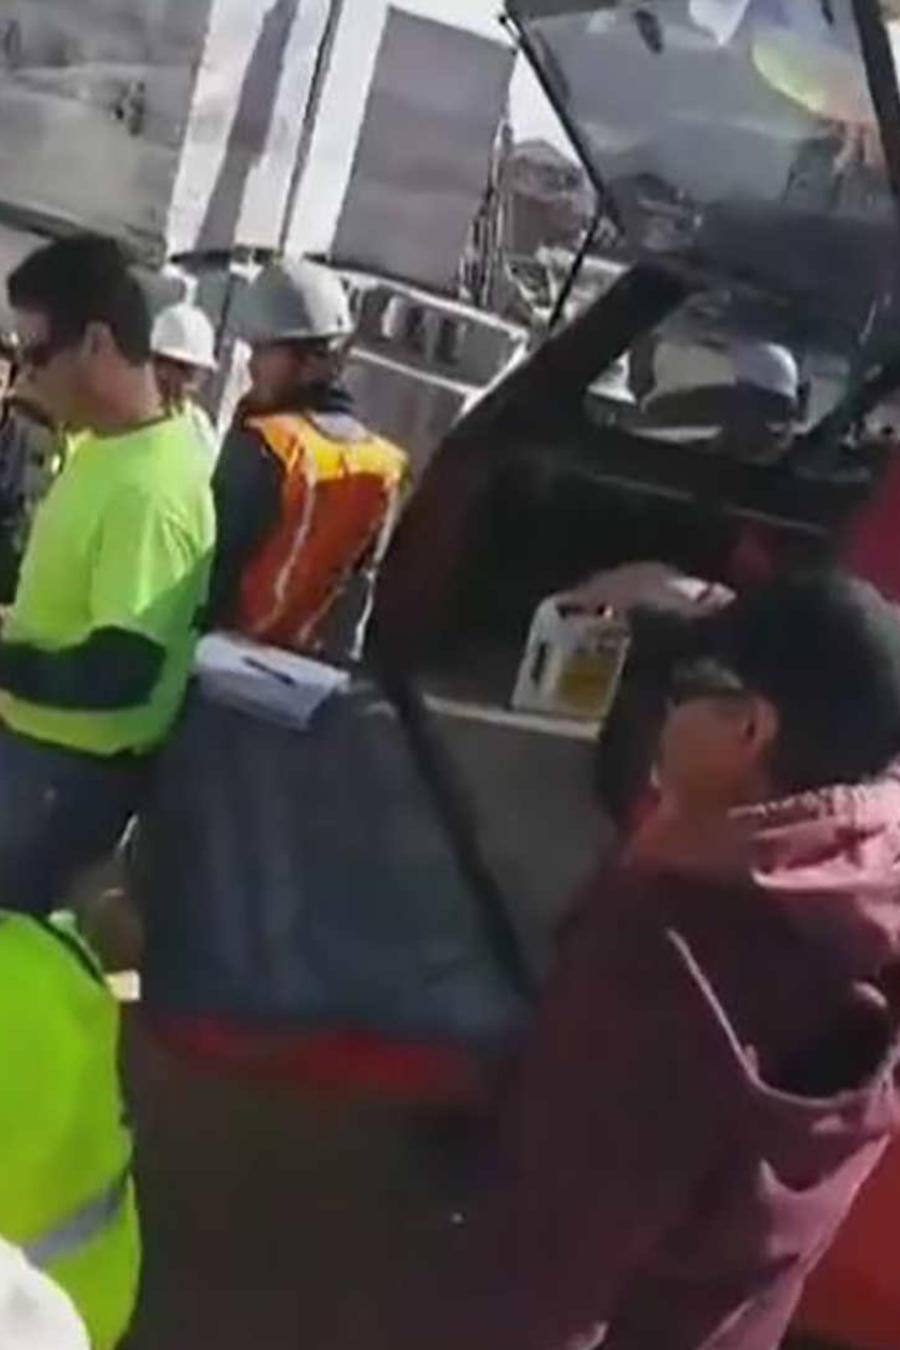 Despedidos trabajadores en Denver por asistir a marcha